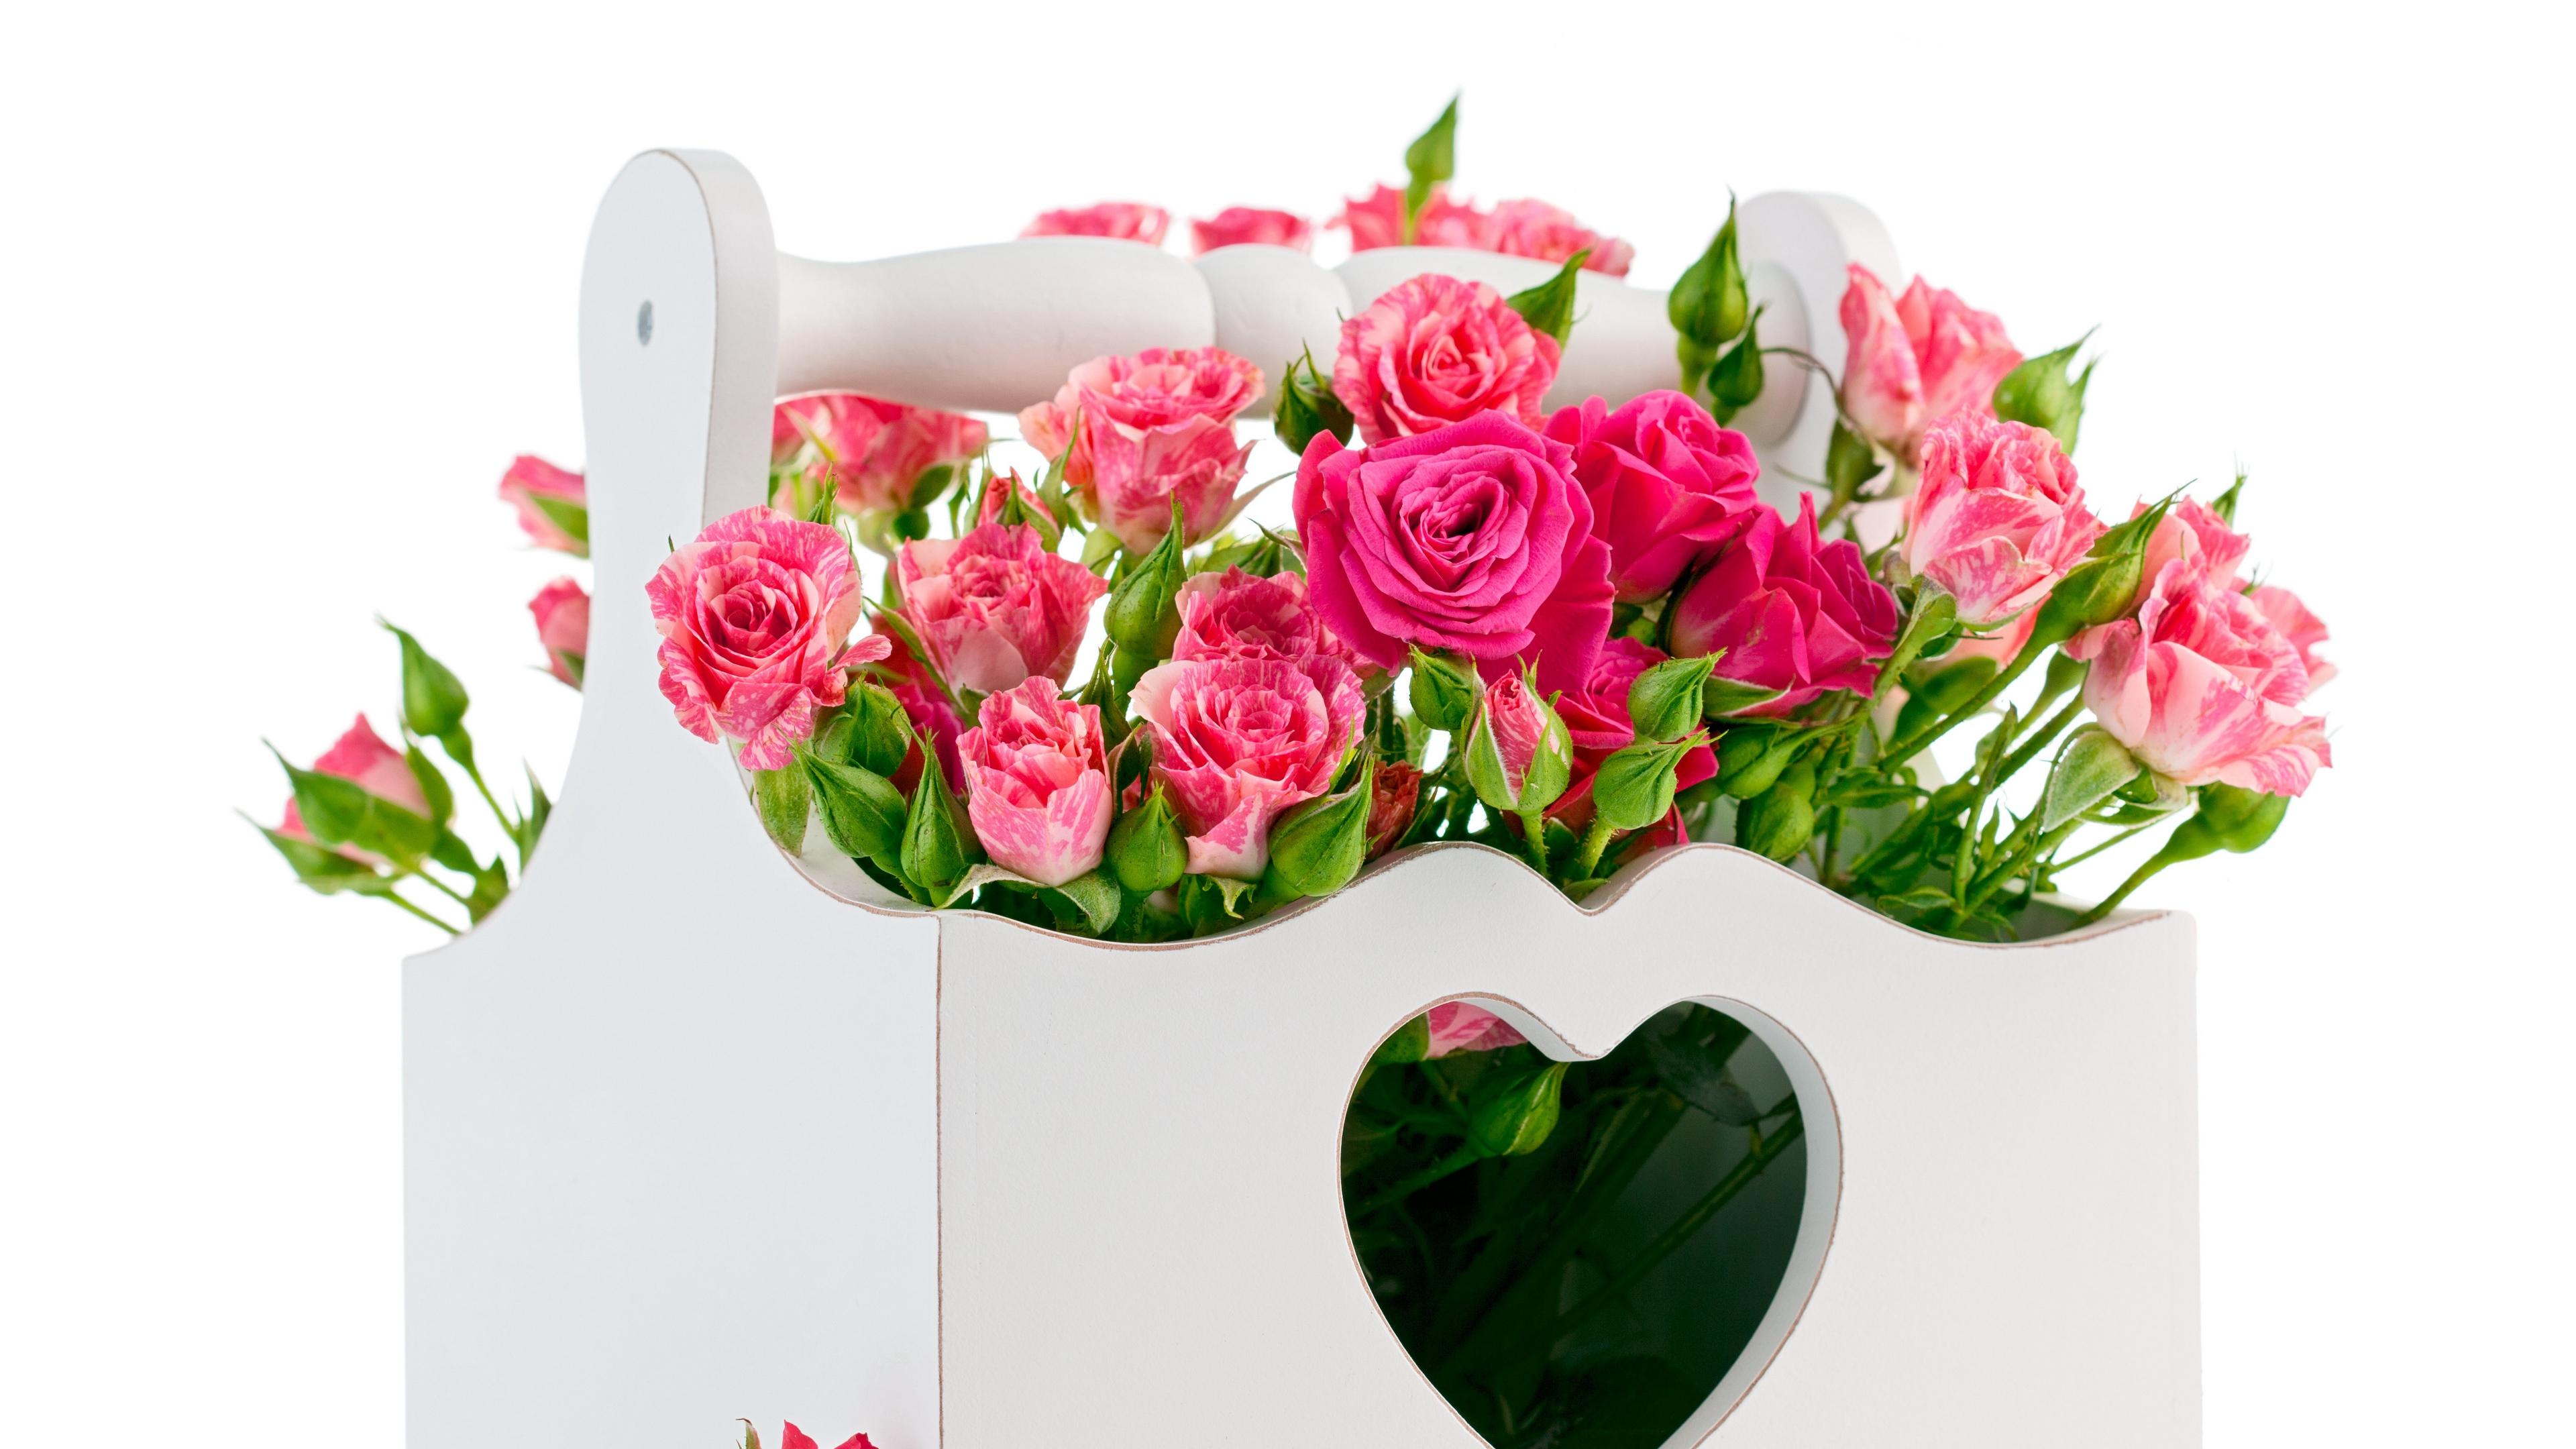 roses bouquets baskets unique design 4k 1540064958 - roses, bouquets, baskets, unique, design 4k - Roses, bouquets, baskets